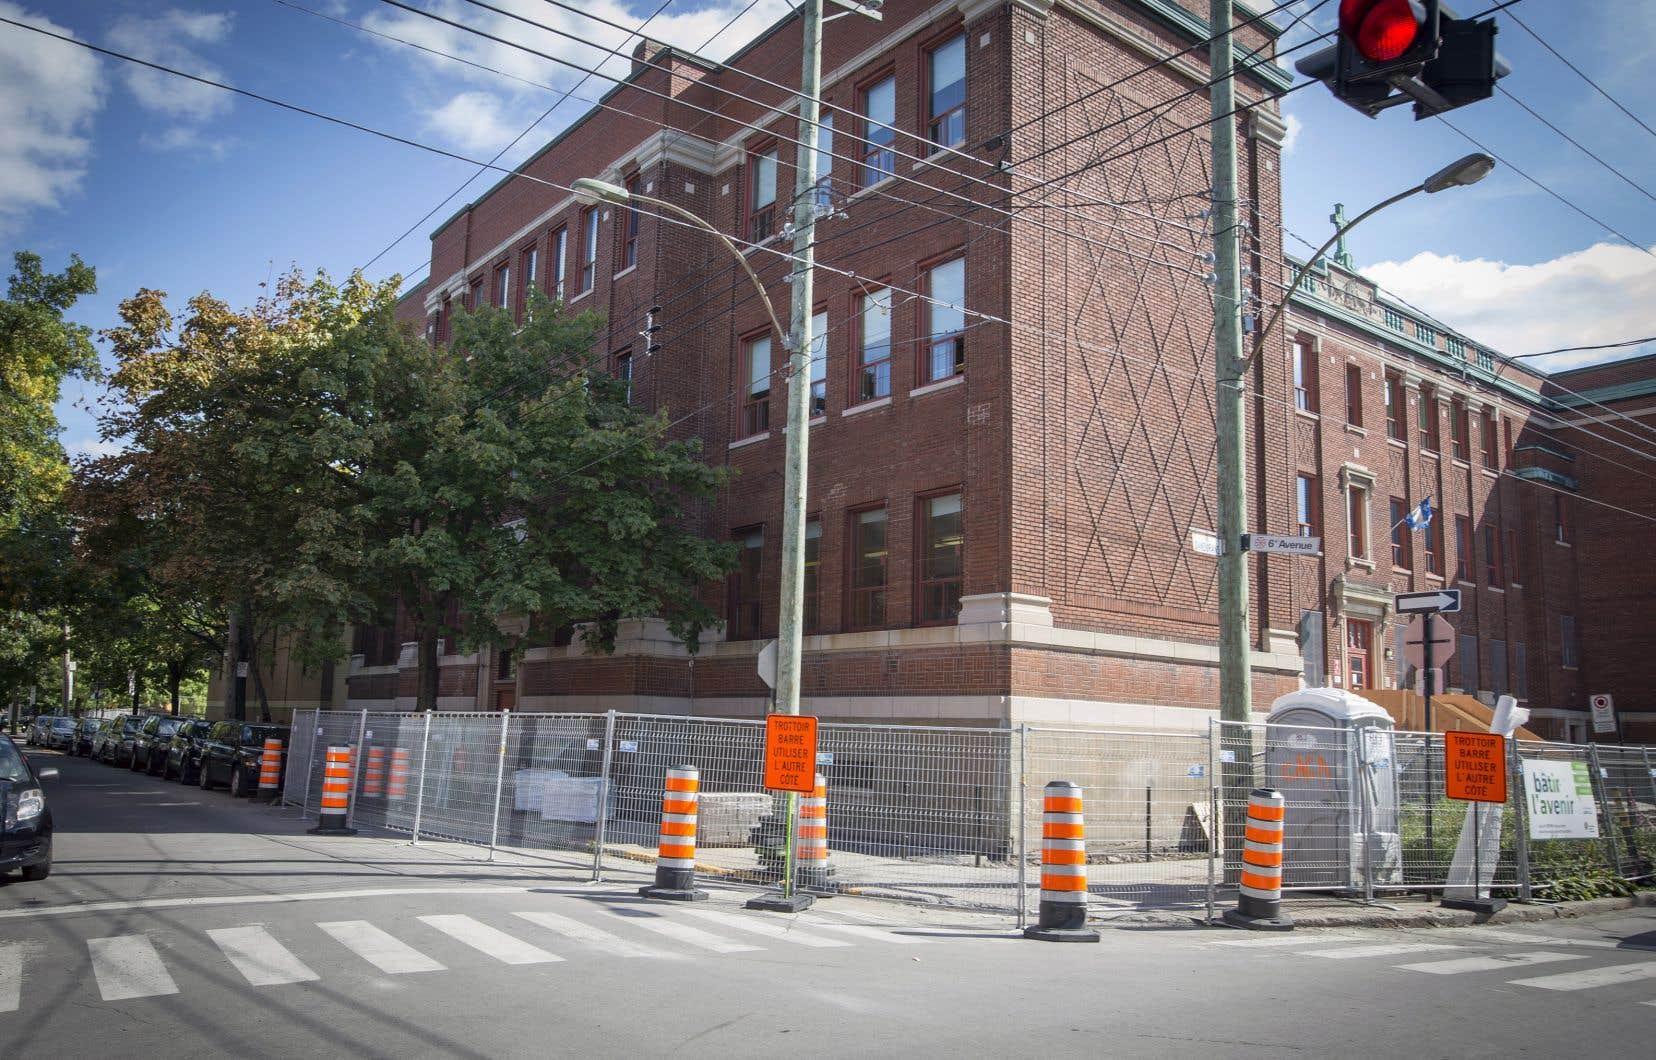 Les élèves ont repris le chemin des classes et ils ont parfois la surprise — comme ici à l'école Saint-Jean-de-Brébeuf, à Rosemont — de partager l'école avec des ouvriers de la construction chargés de remettre les lieux en meilleur état.